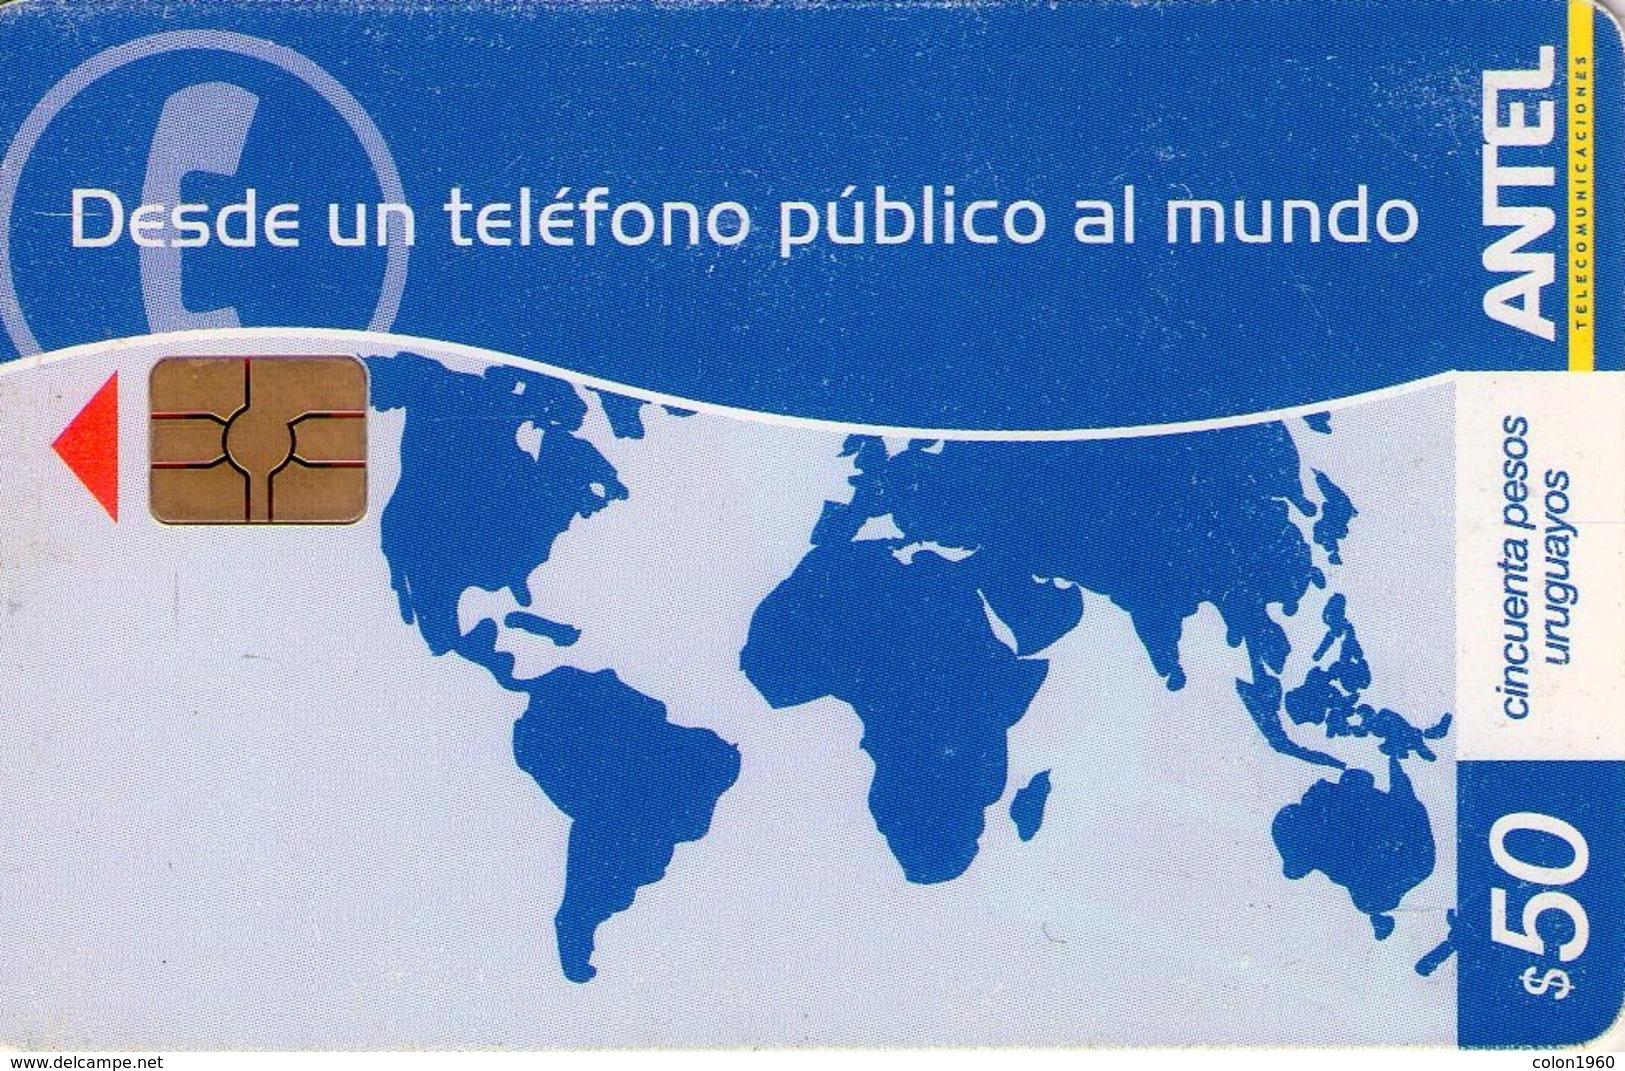 TARJETA TELEFONICA DE URUGUAY. 507a (DESDE UN TELEFONO PUBLICO AL MUNDO) (237) - Uruguay